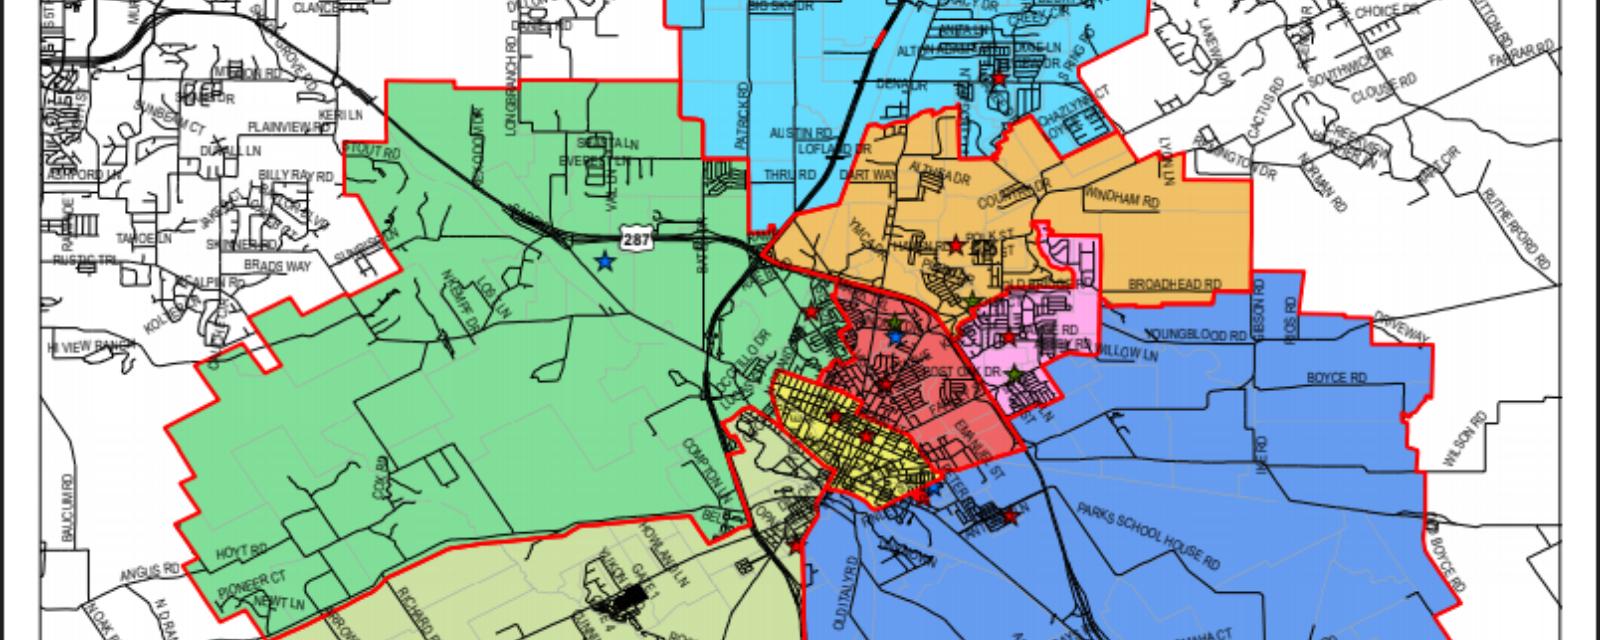 map showing school zones